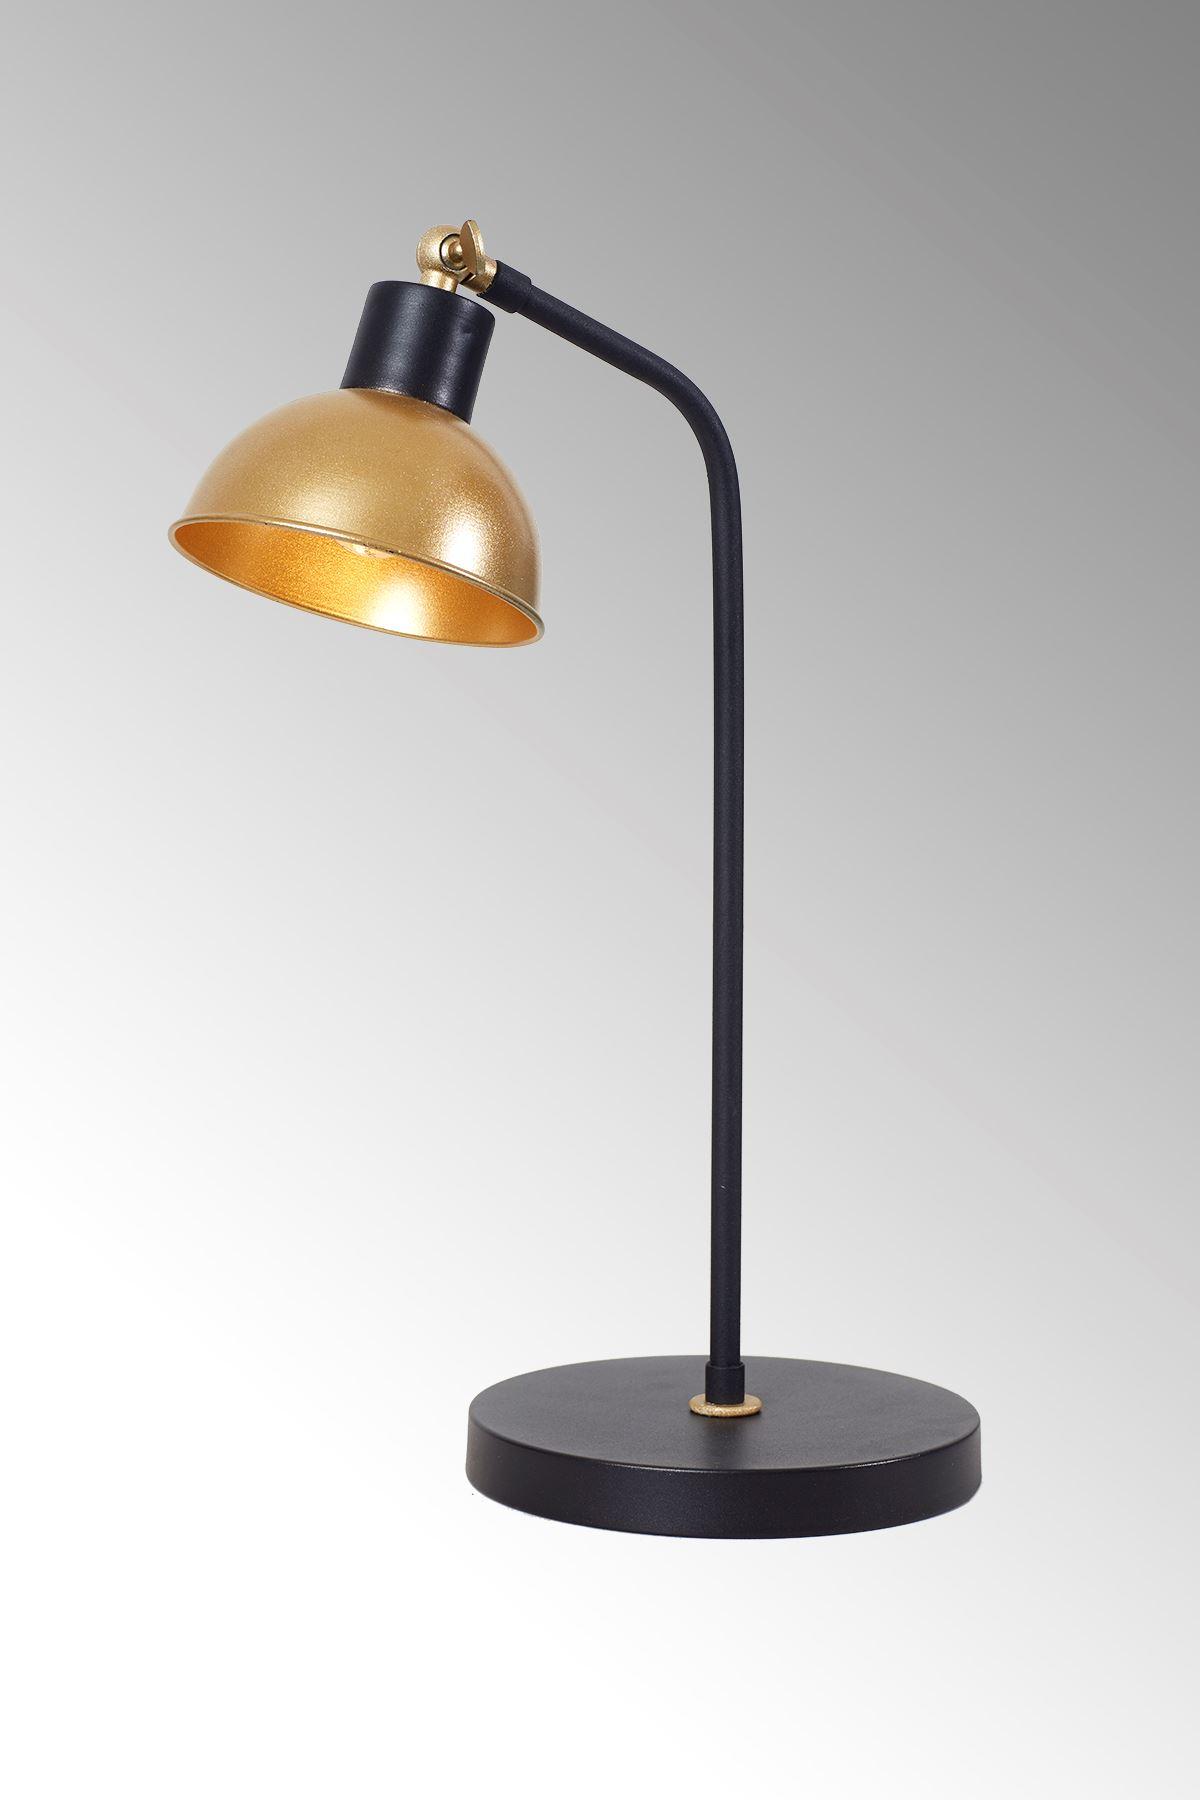 Dolce  Sarı-Siyah Metal Gövde Tasarım Lüx Masa Lambası